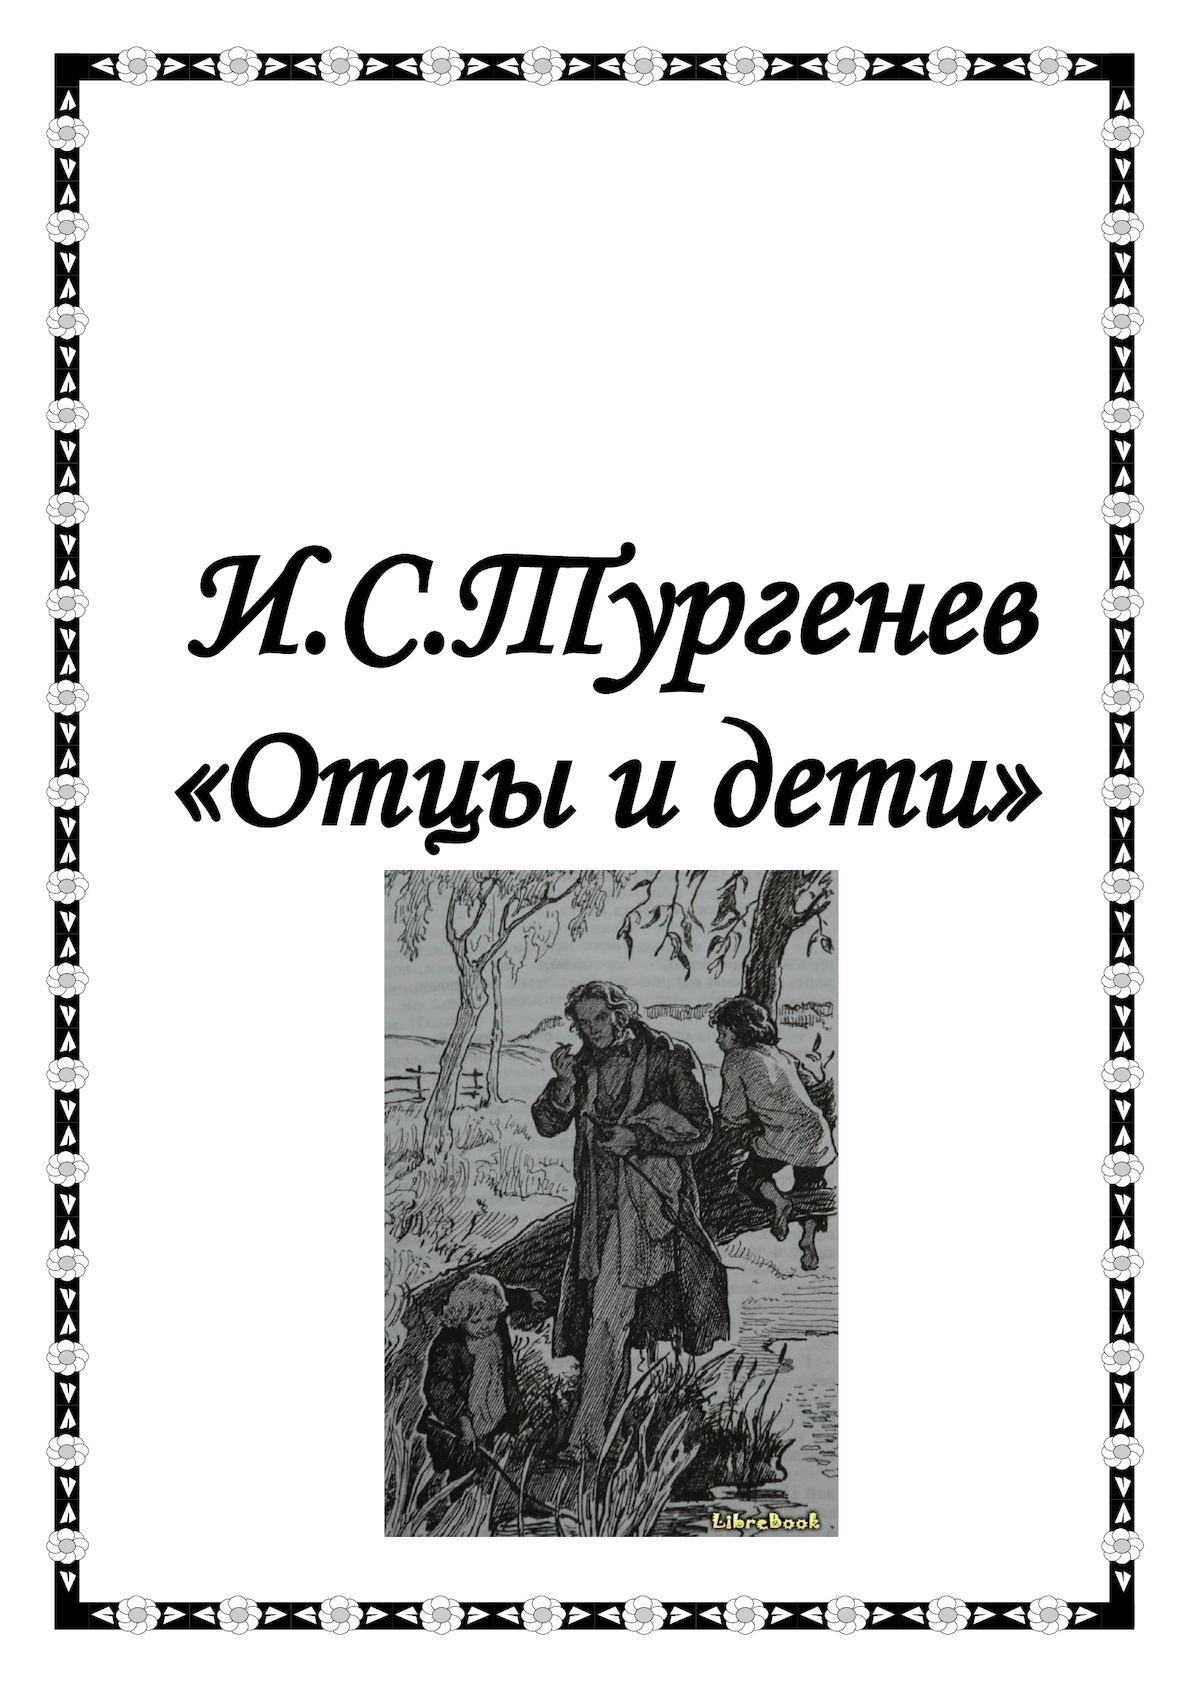 Эконом памятник Пламя Кропоткин Резные памятники Щелковская